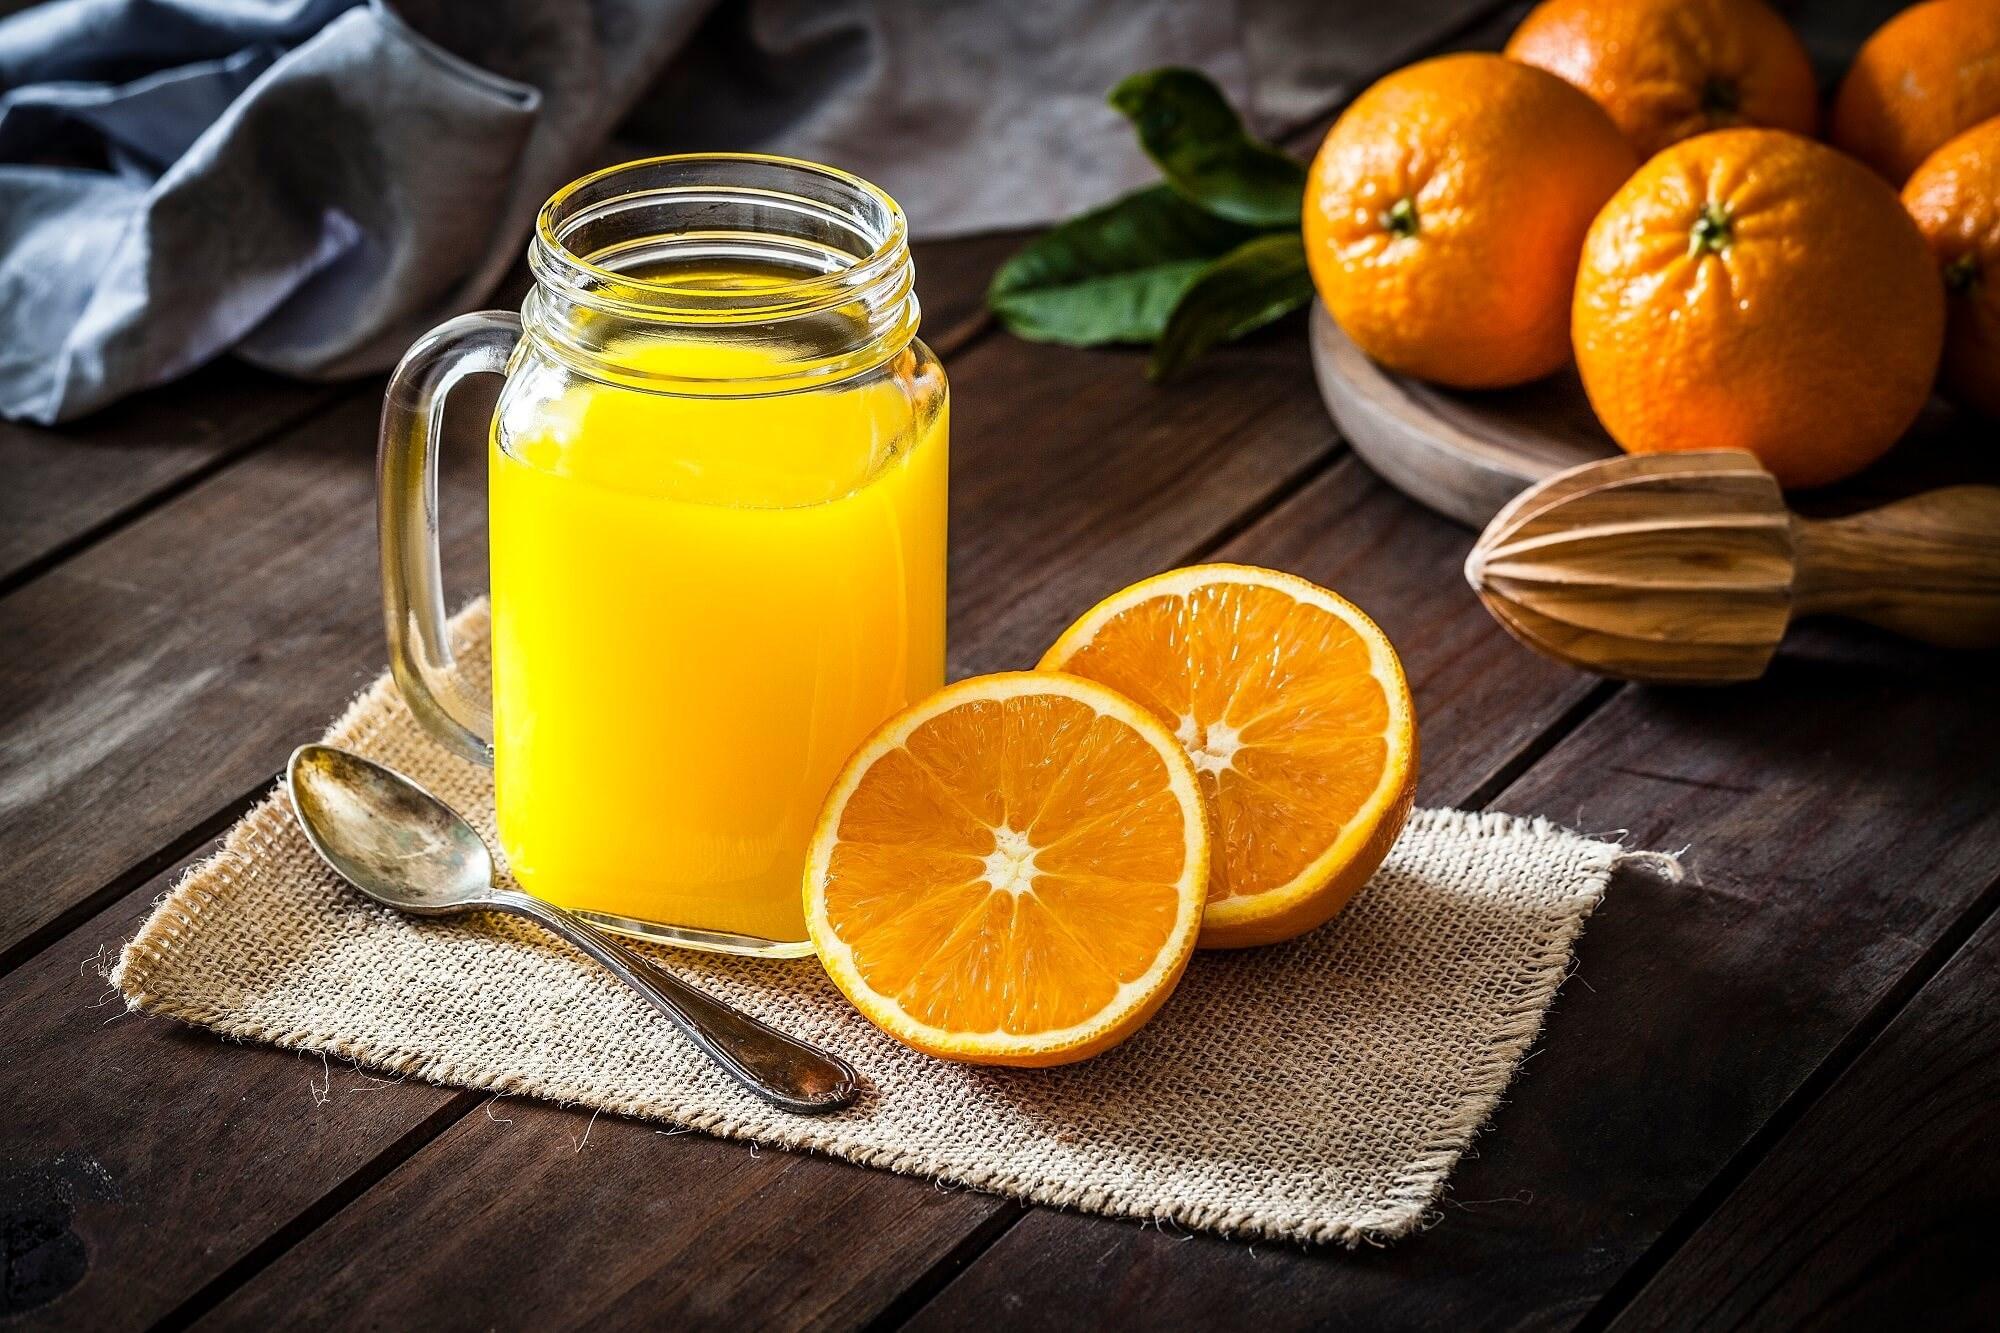 Fruits, Veggies, Orange Juice May Protect Men's Memory